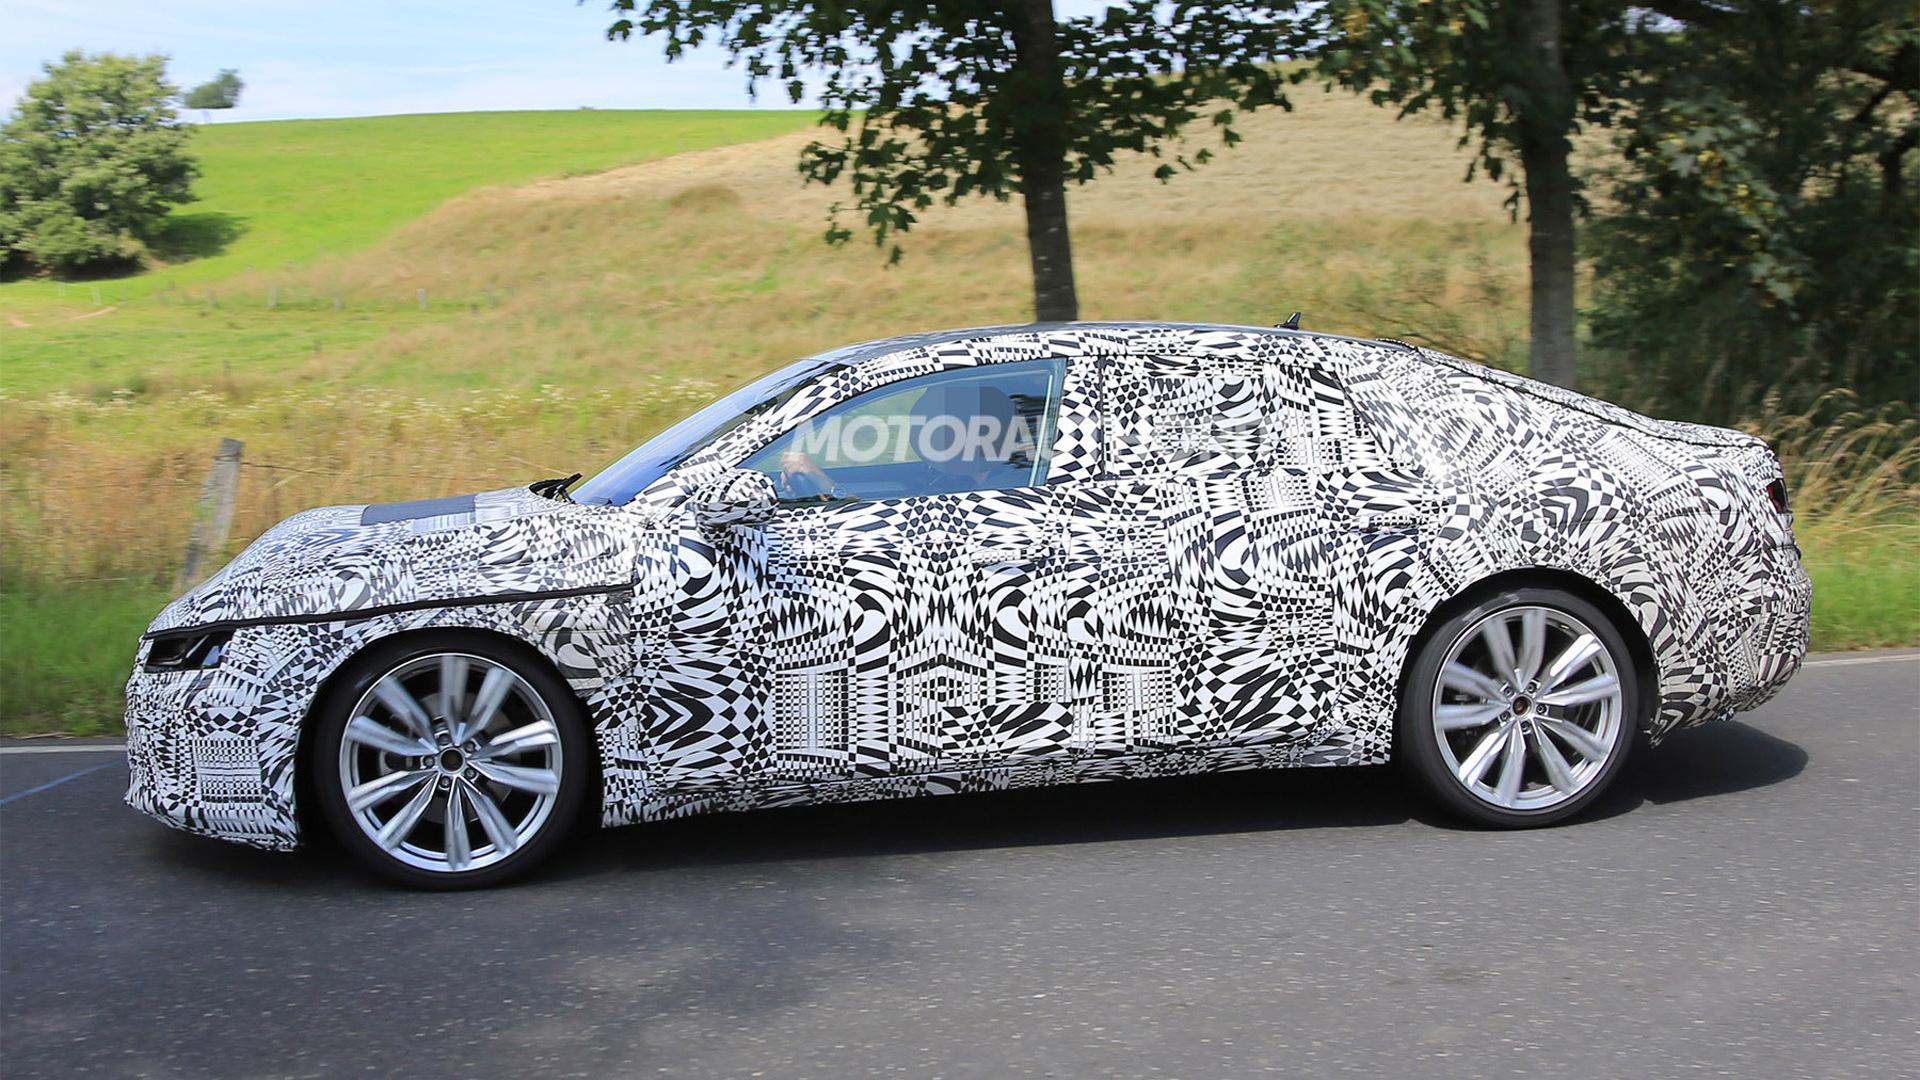 2018 Volkswagen Arteon (CC successor) spy shots - Image via  S. Baldauf/SB-Medien